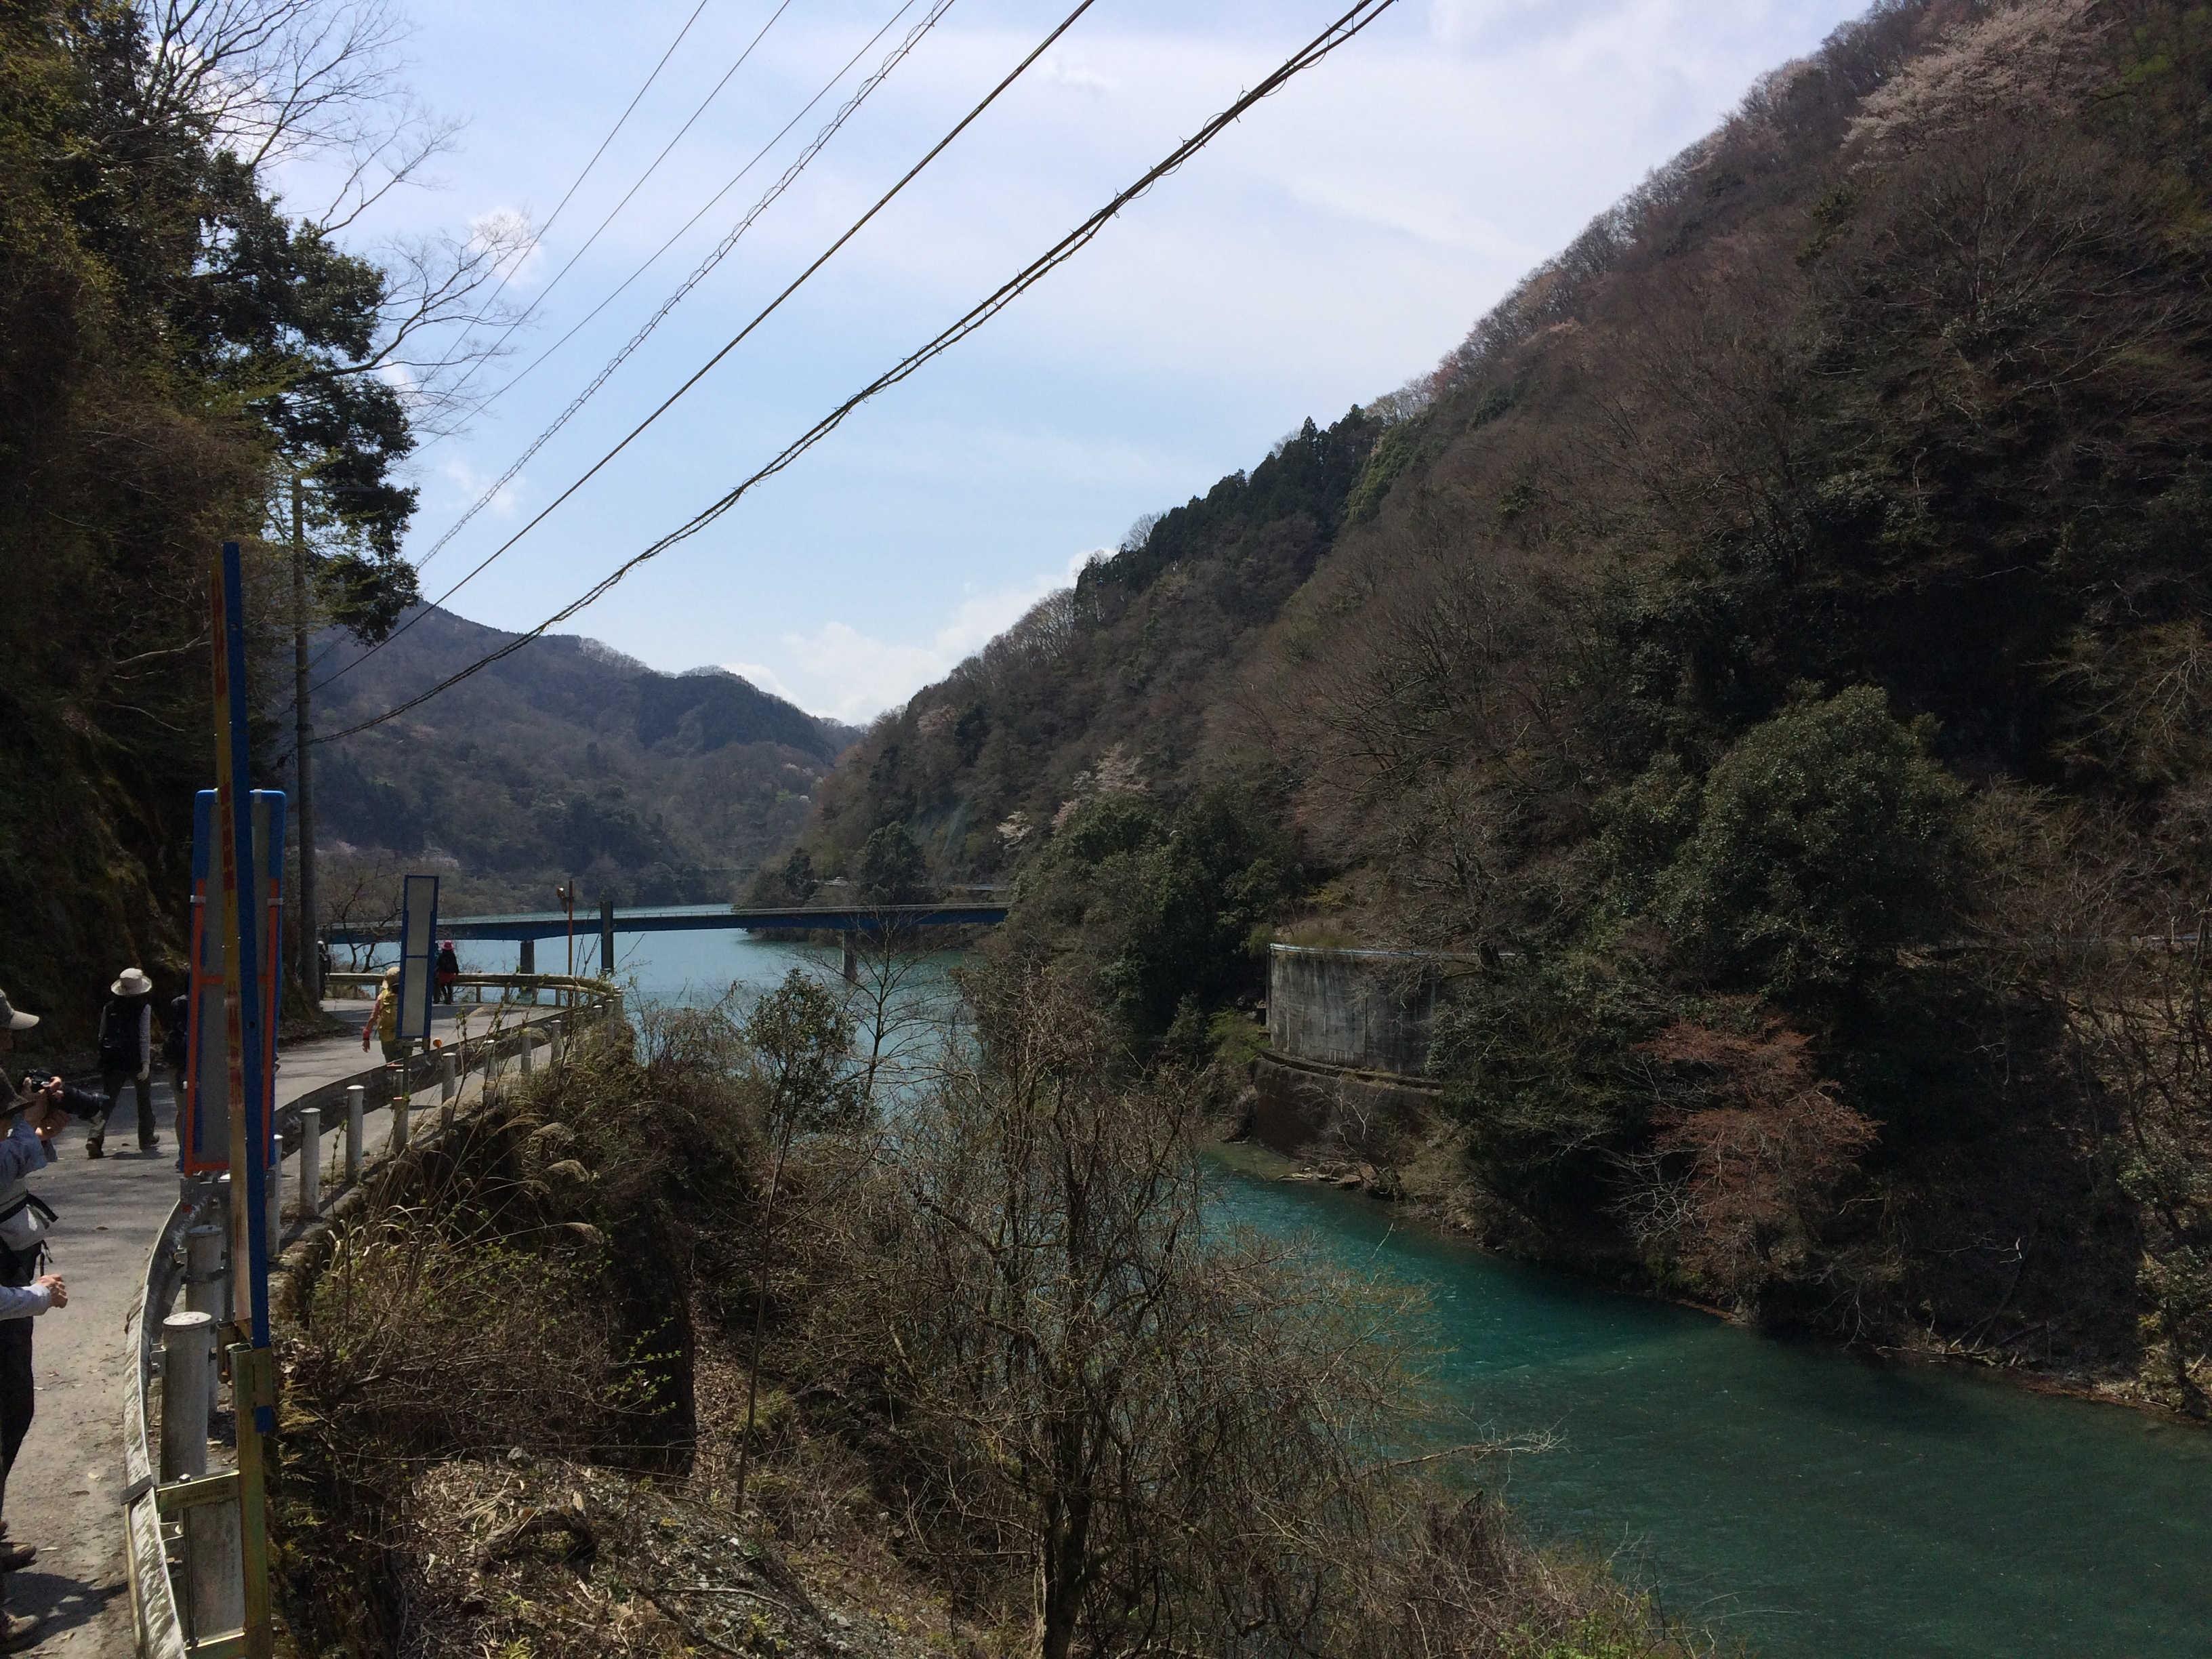 ヤヒチ沢→小川谷出合